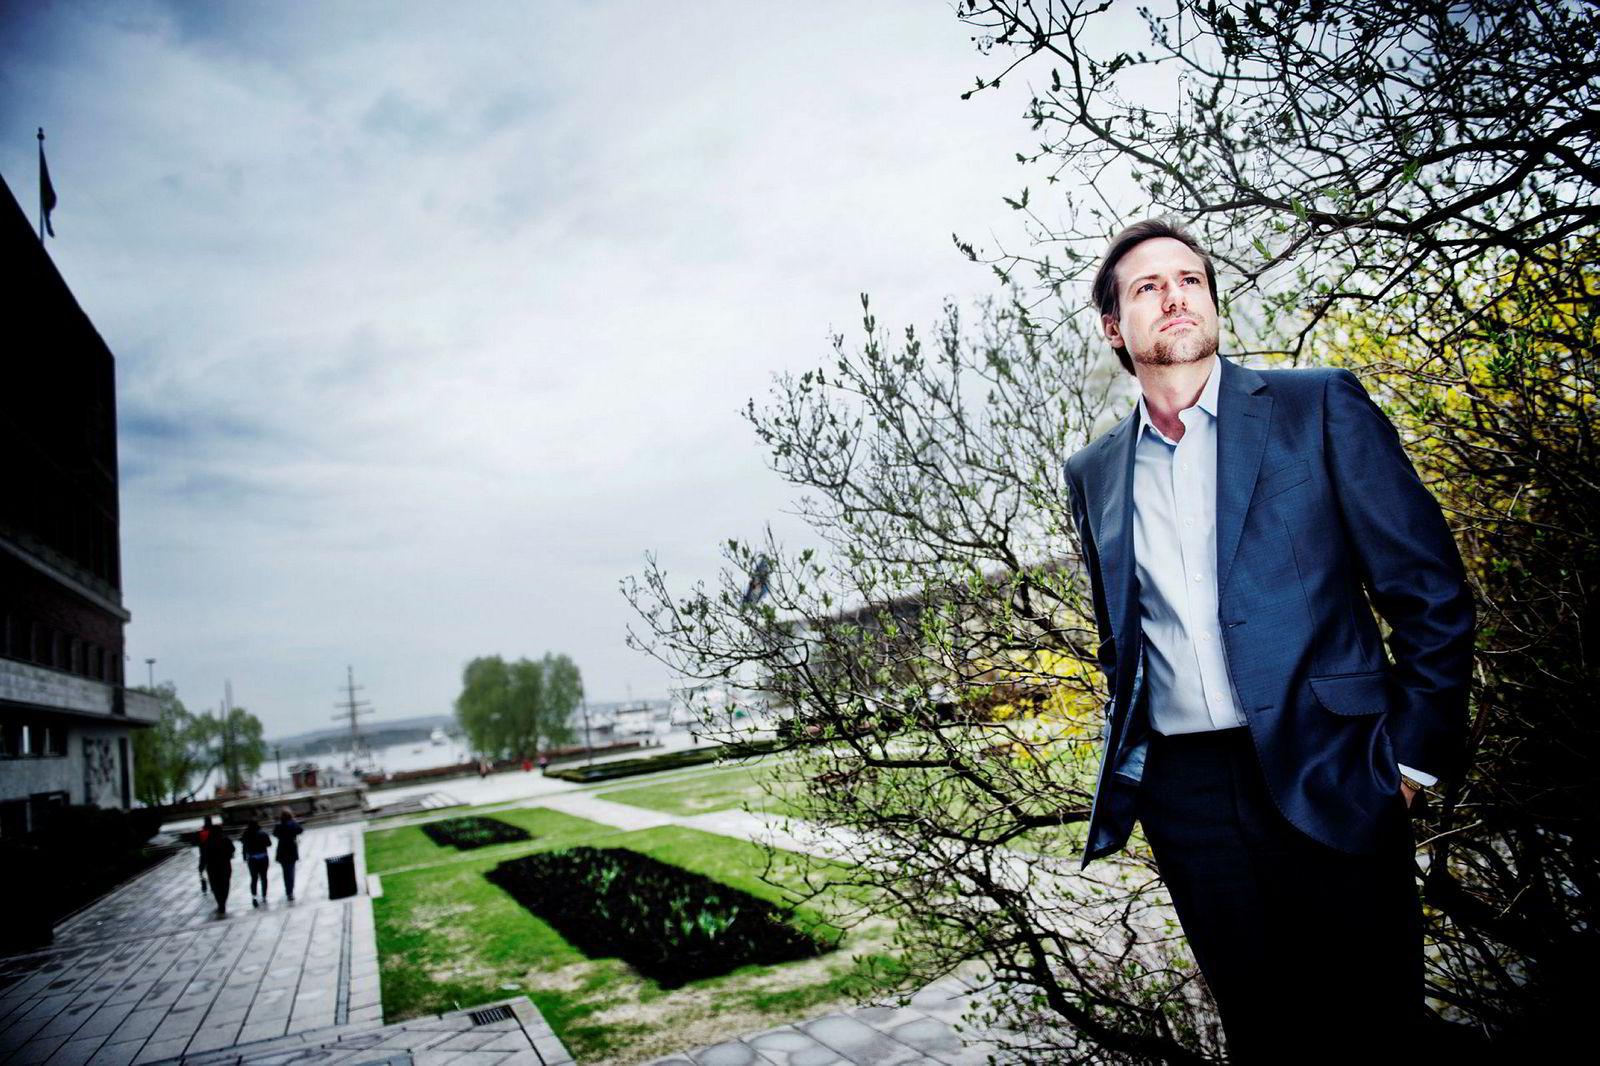 Farsunds-milliardær Endre Glastad (46) går i kompaniskap med stålgrossisten Leif Hübert (56) og kjøper hjørnesteinsbedriften Båtservice i Mandal.